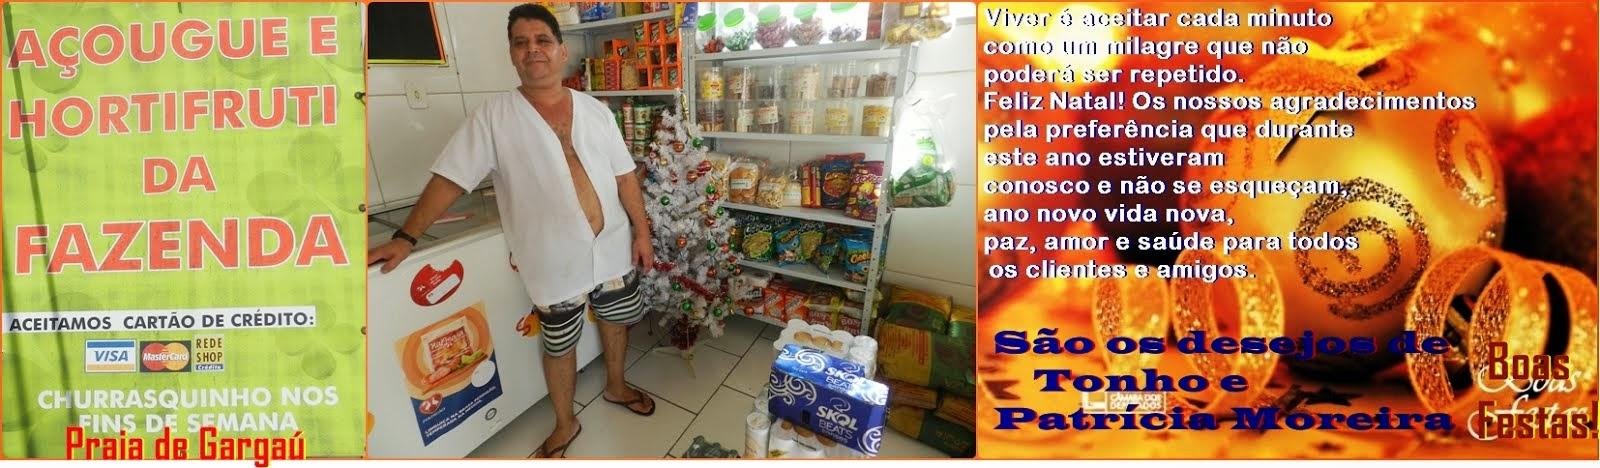 NA PRAIA DE GARGAÚ EM SÃO FRANCISCO DE ITABAPOANA RJ